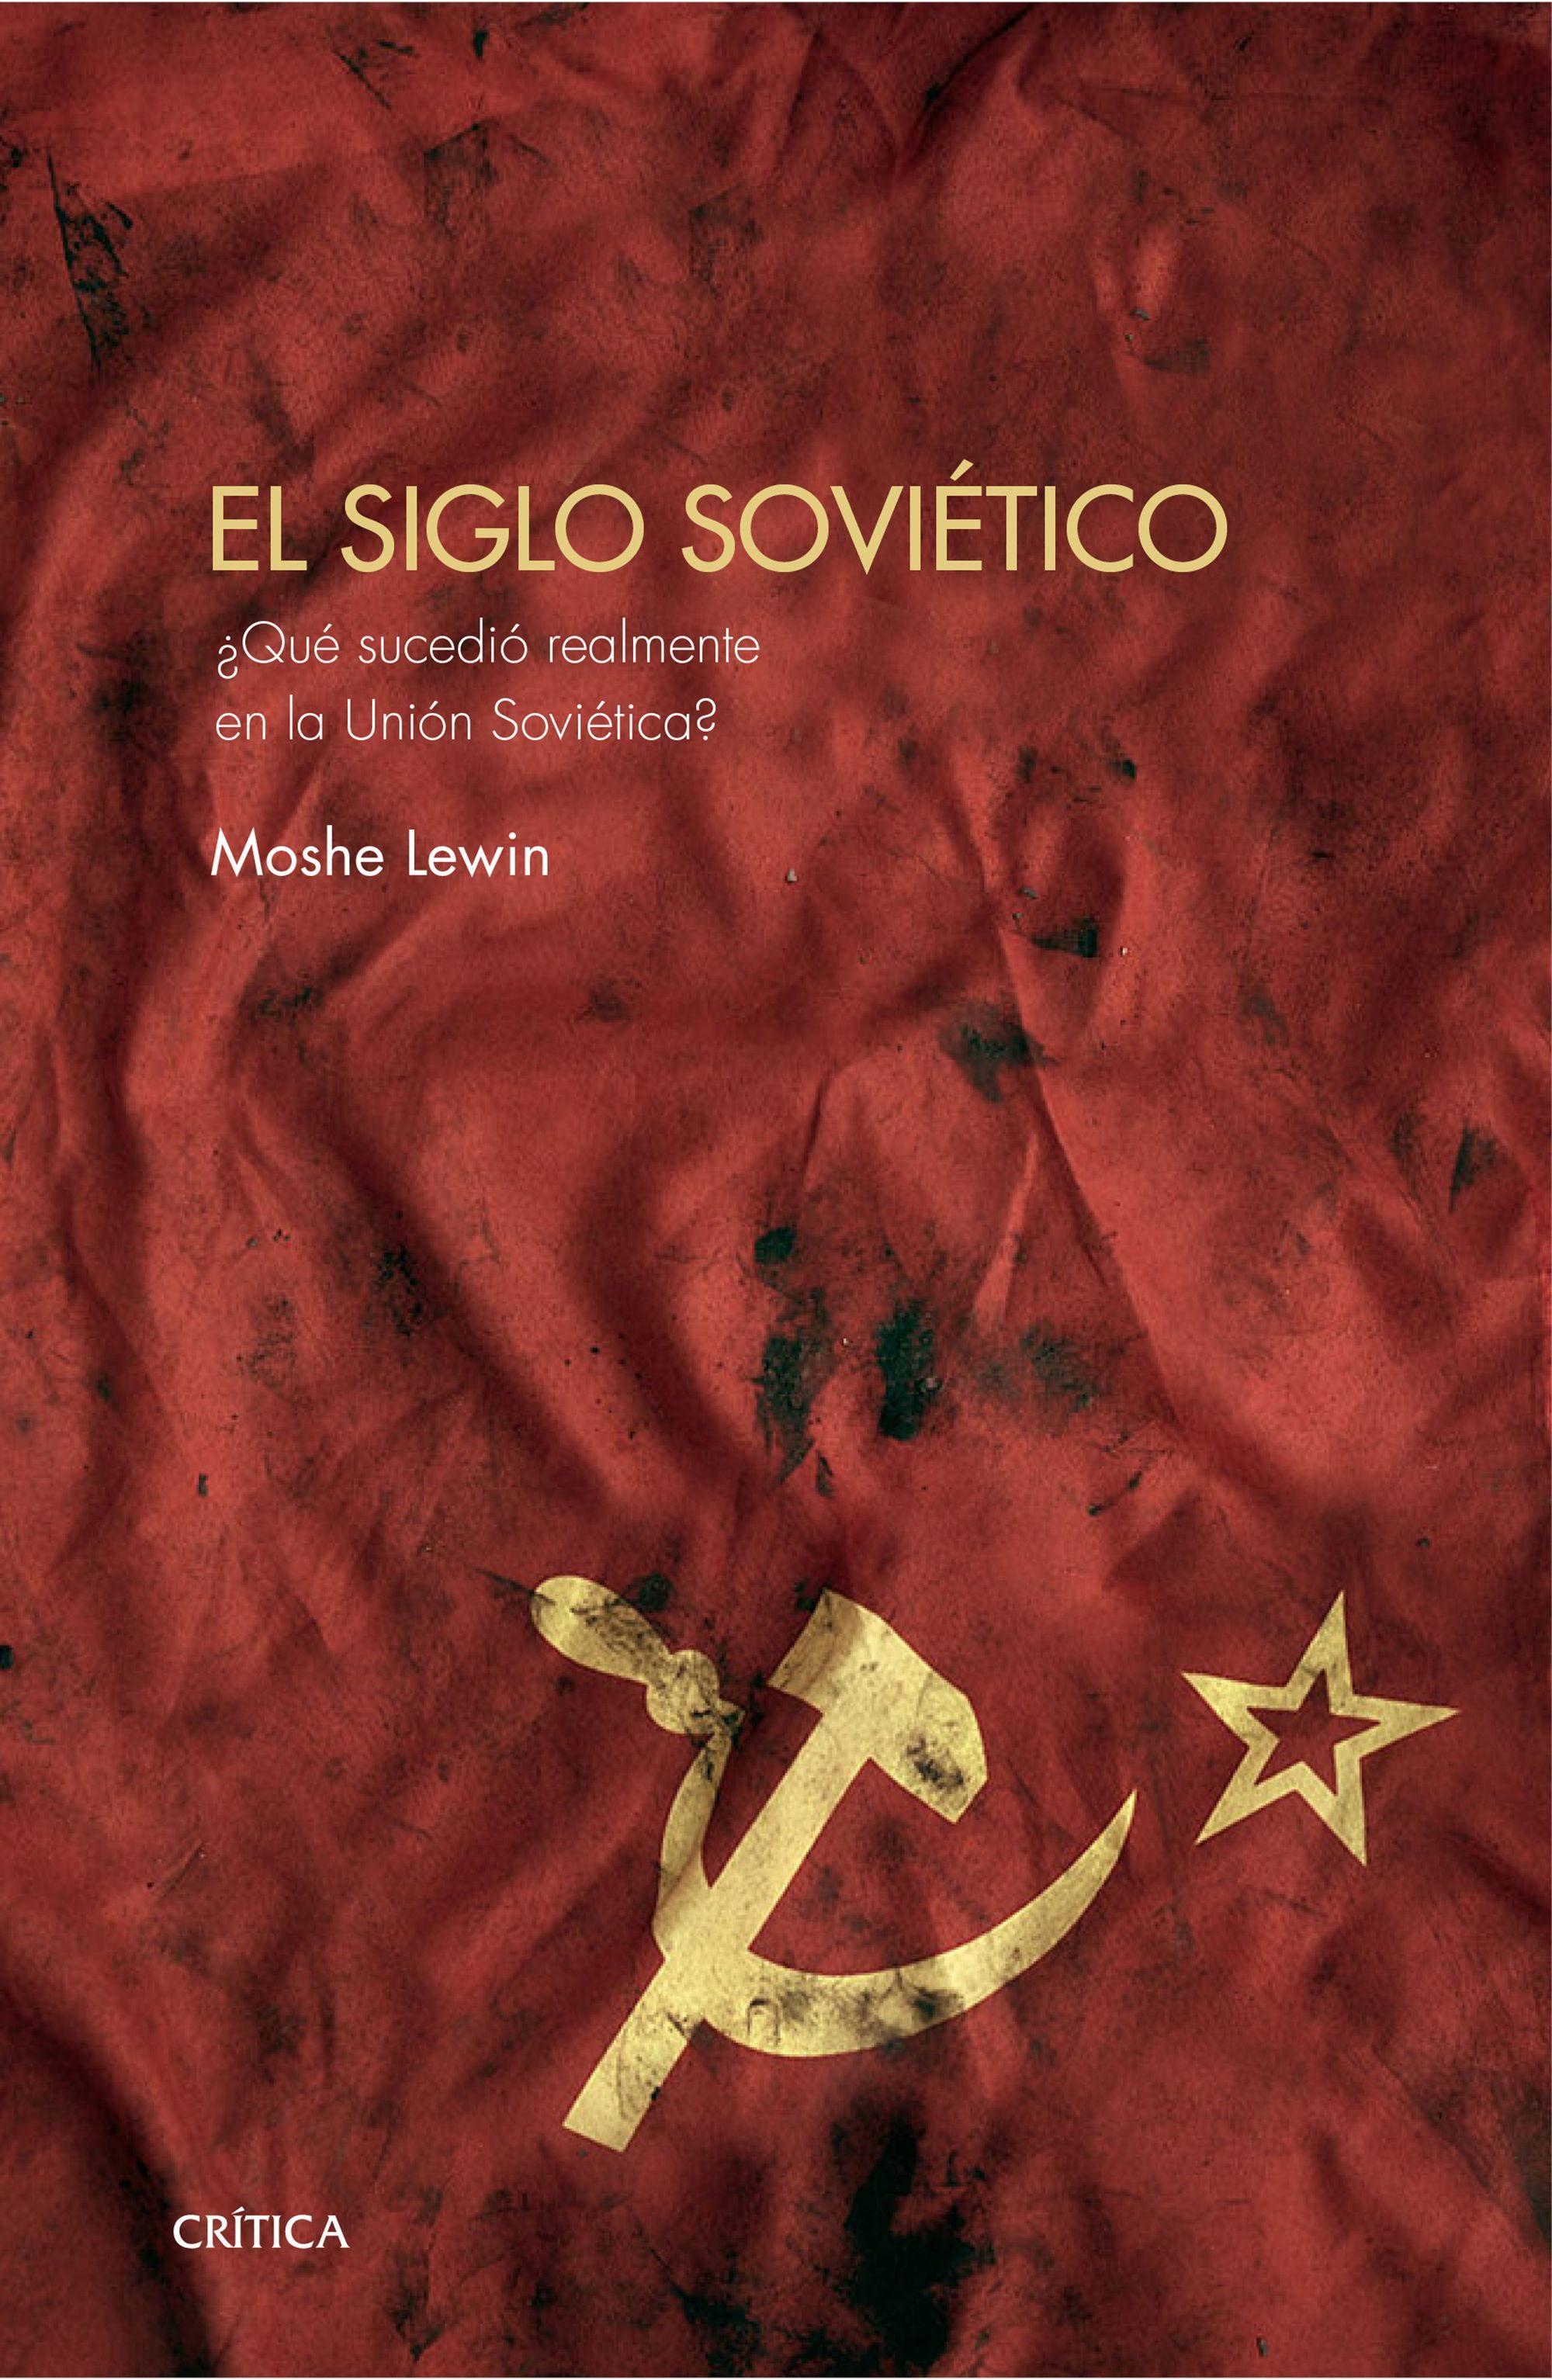 El Siglo Soviético:  Qué Sucedió Realmente en la Unión Soviética? - Moshe Lewin - Editorial Crítica